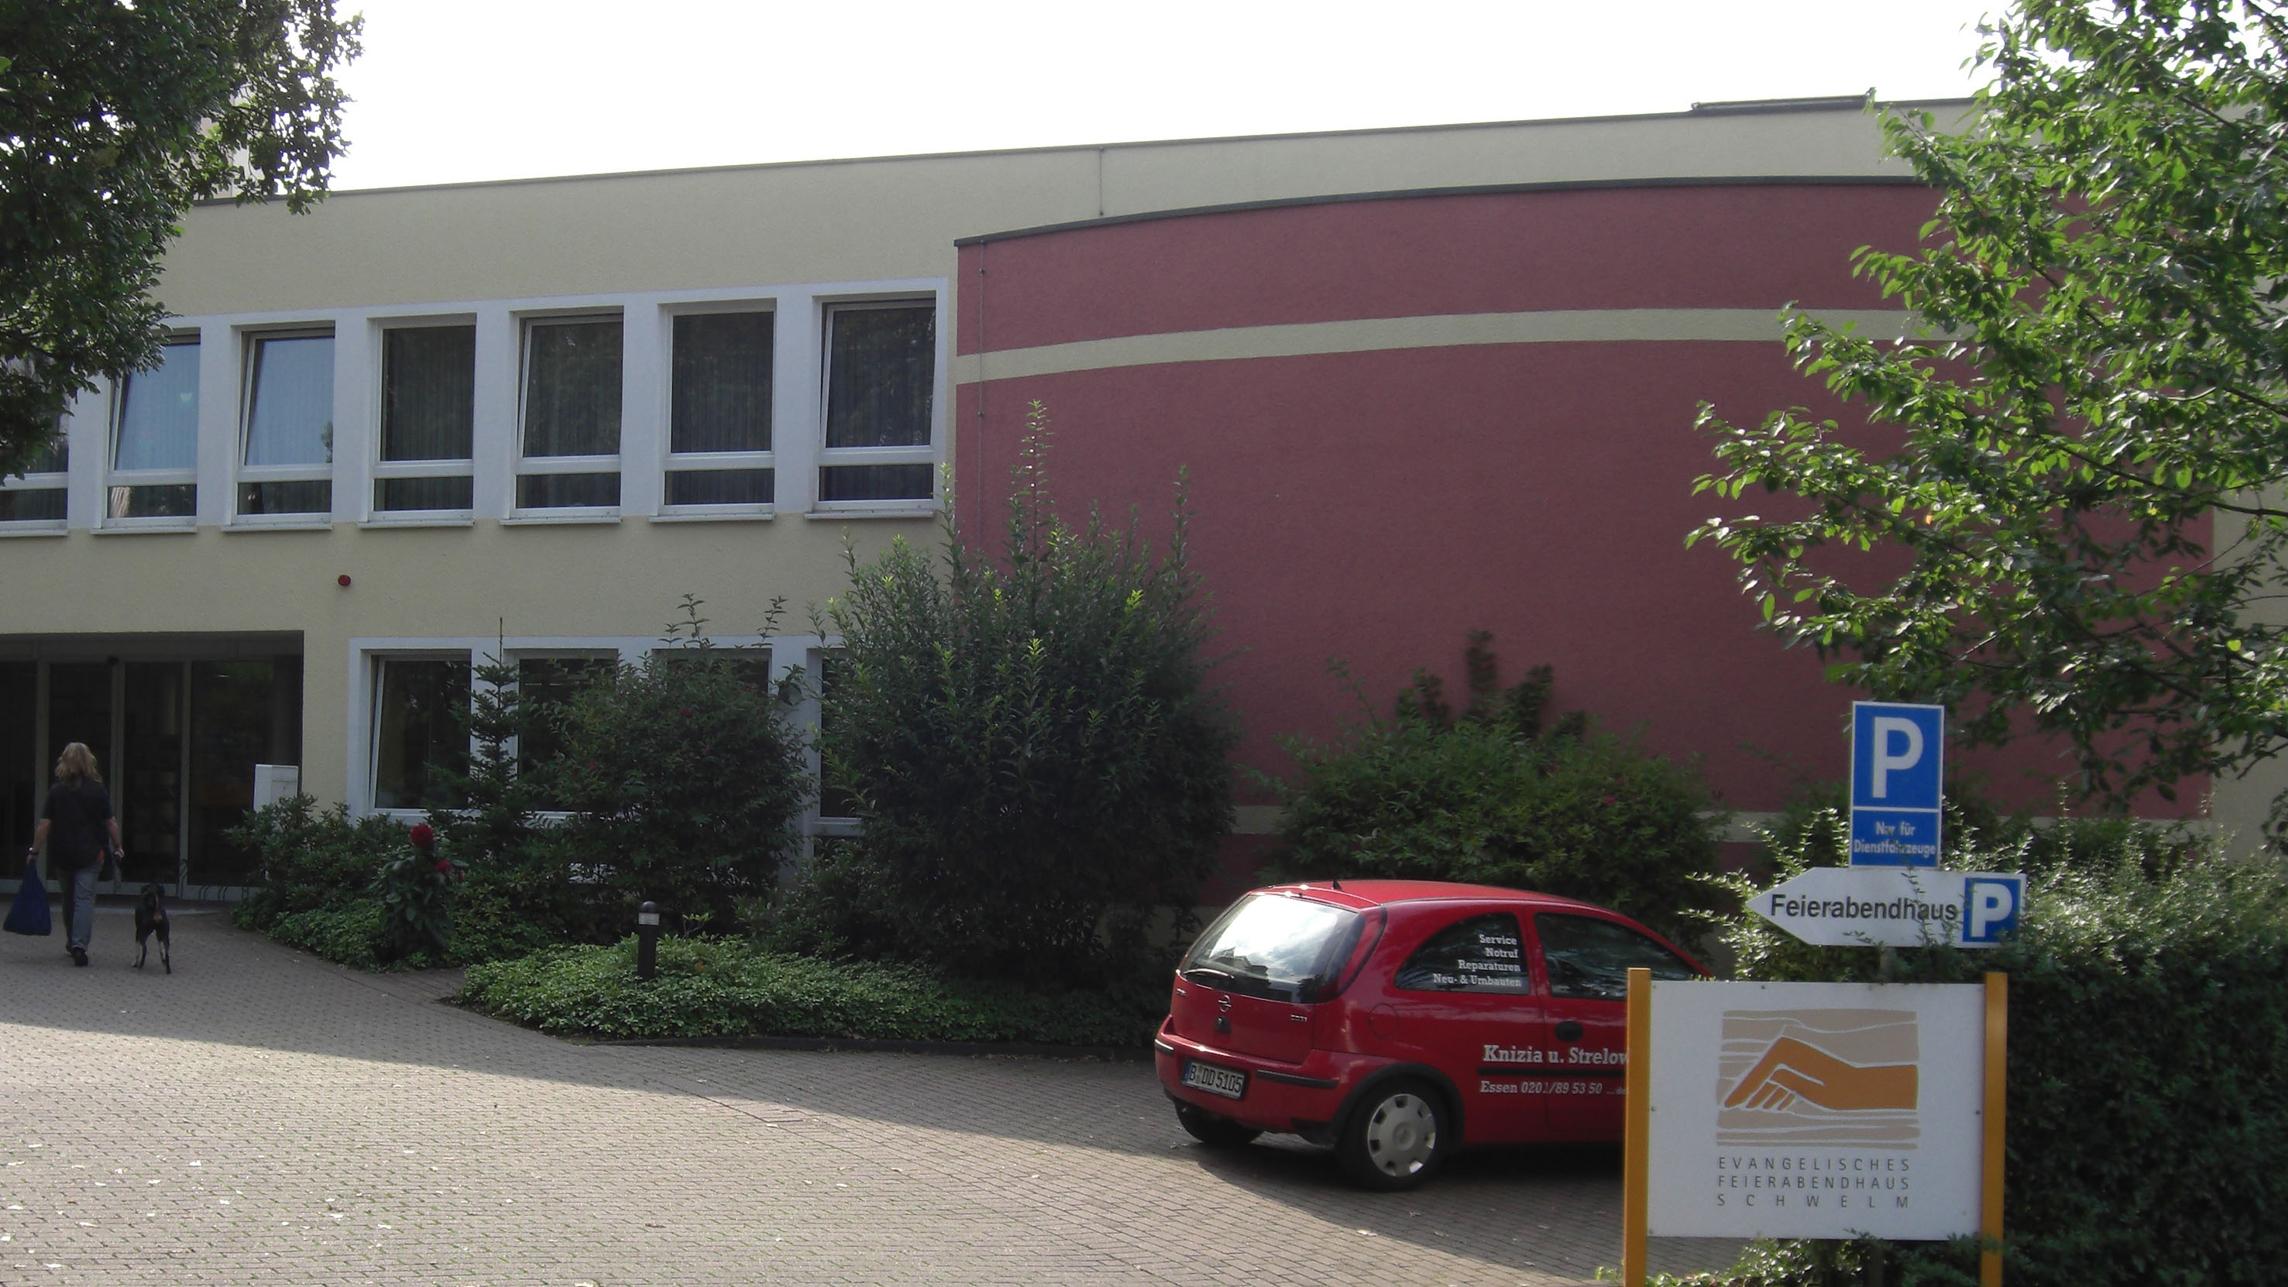 Feierabendhaus-Schwelm-1